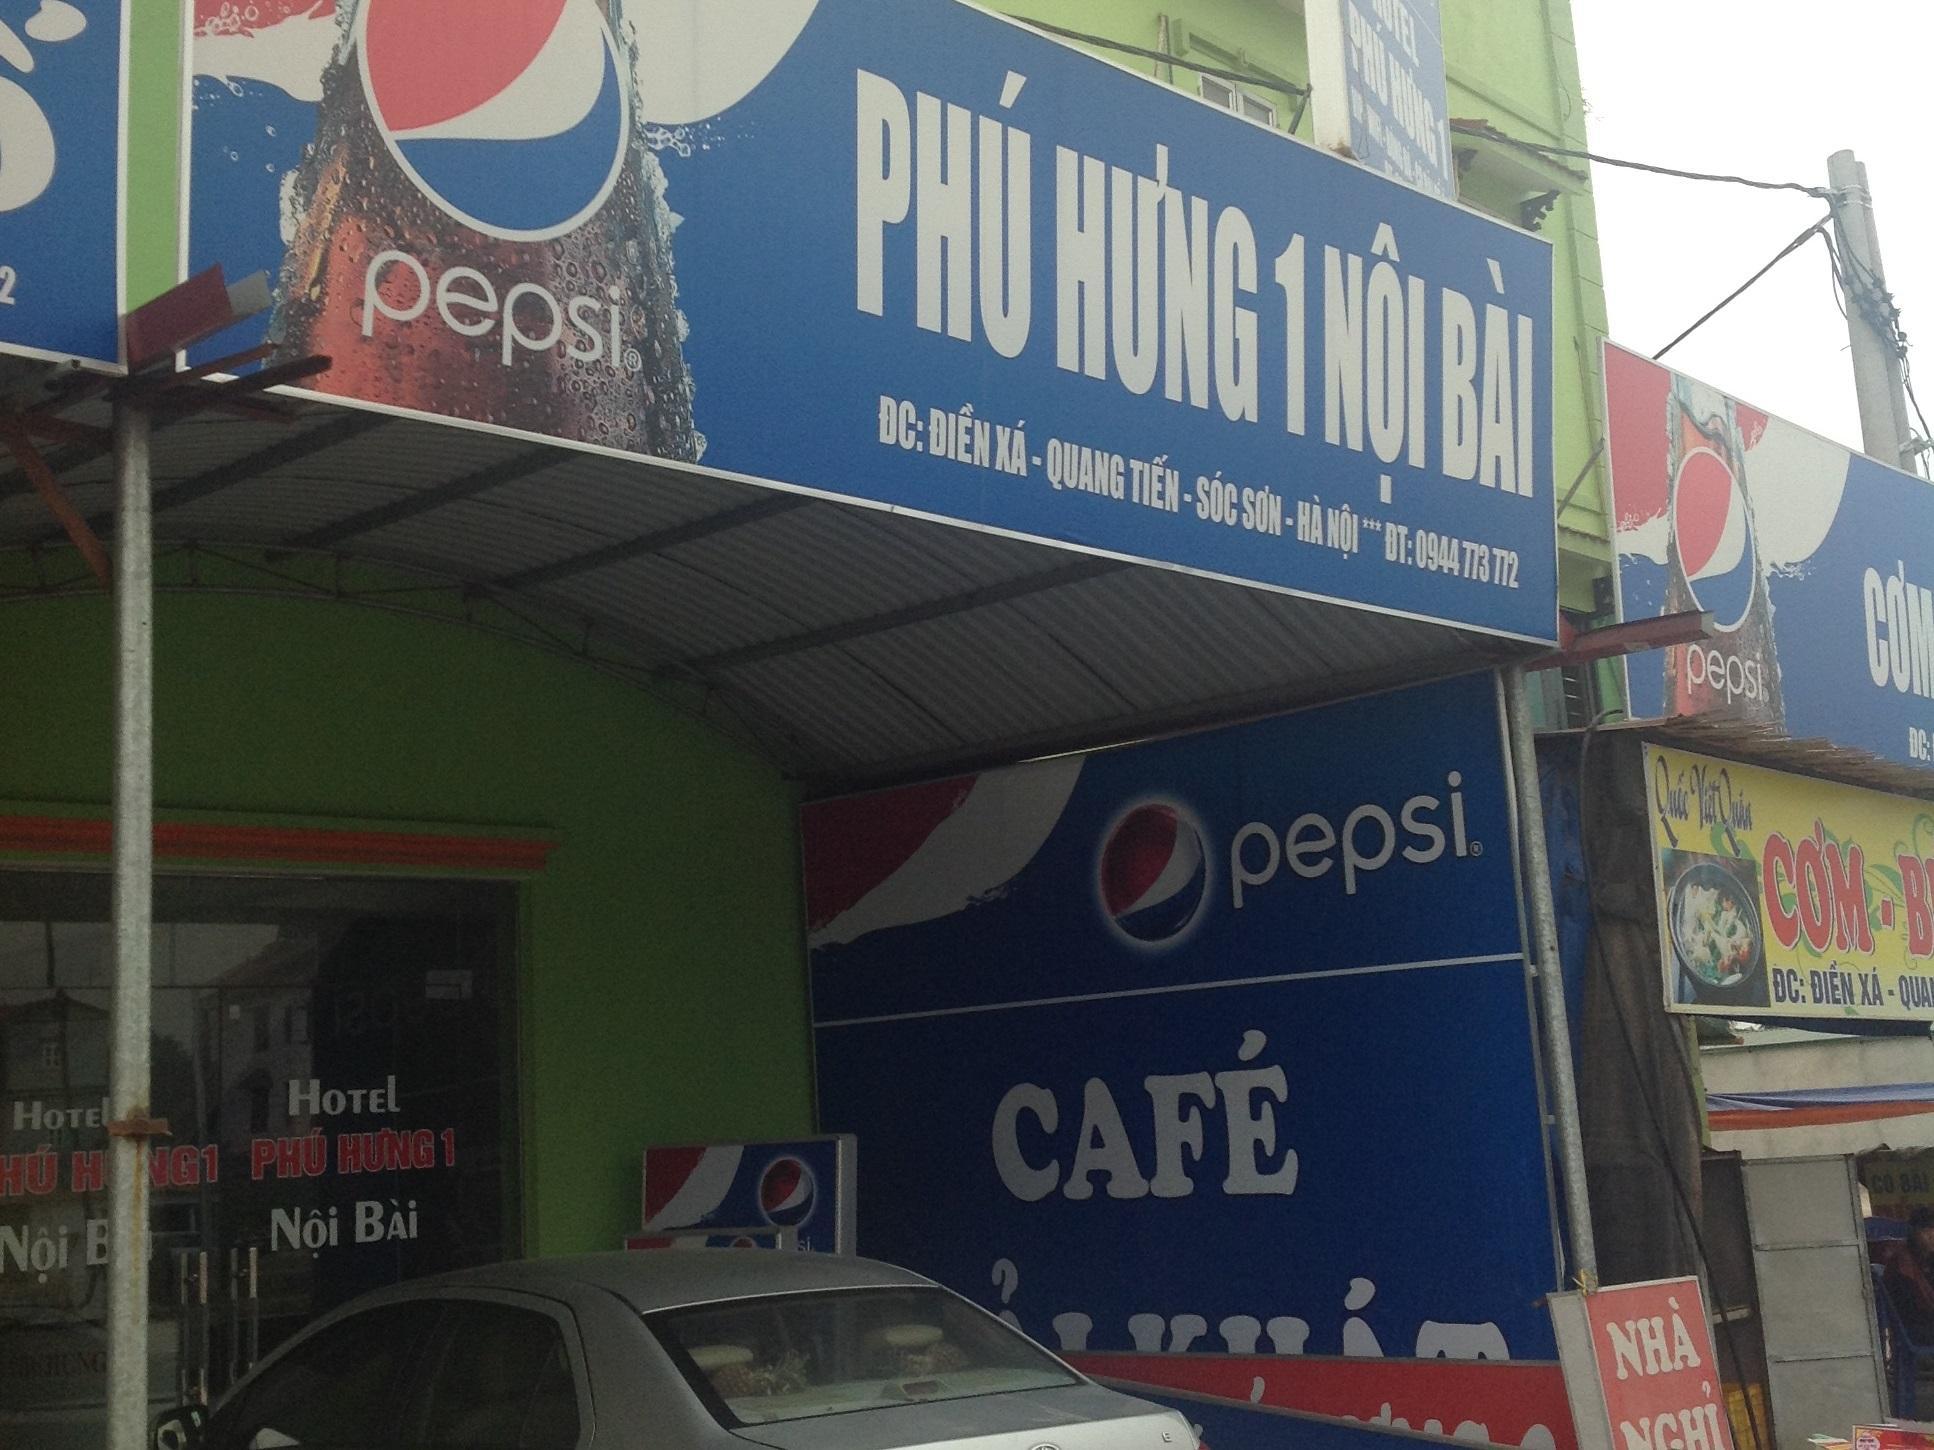 Phu Hung 1 Hotel Noi Bai, Sóc Sơn